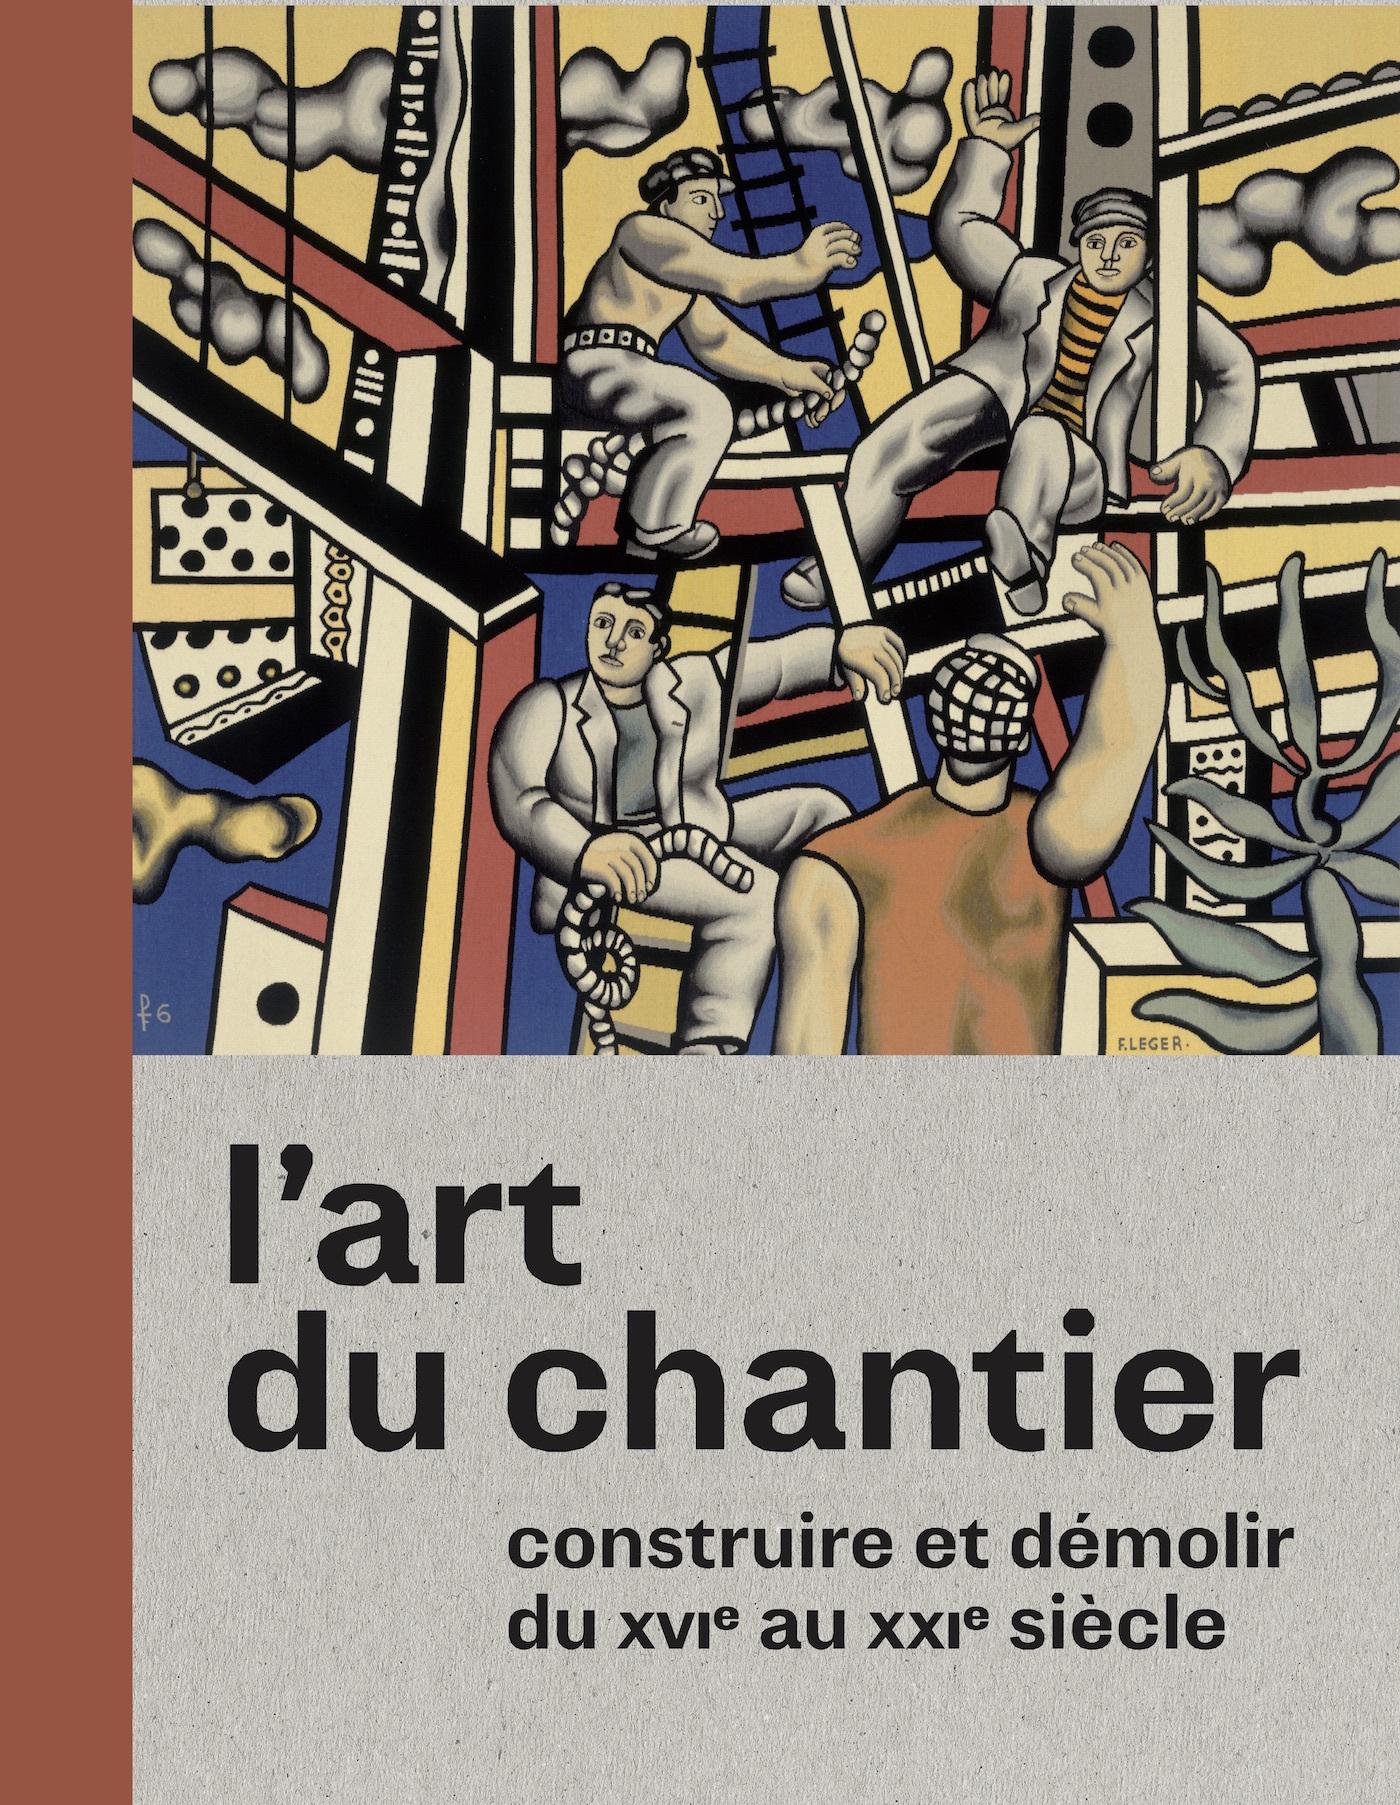 ART DU CHANTIER, CONSTRUIRE ET DEMOLIR DU XVI AU XXIE SIECLE